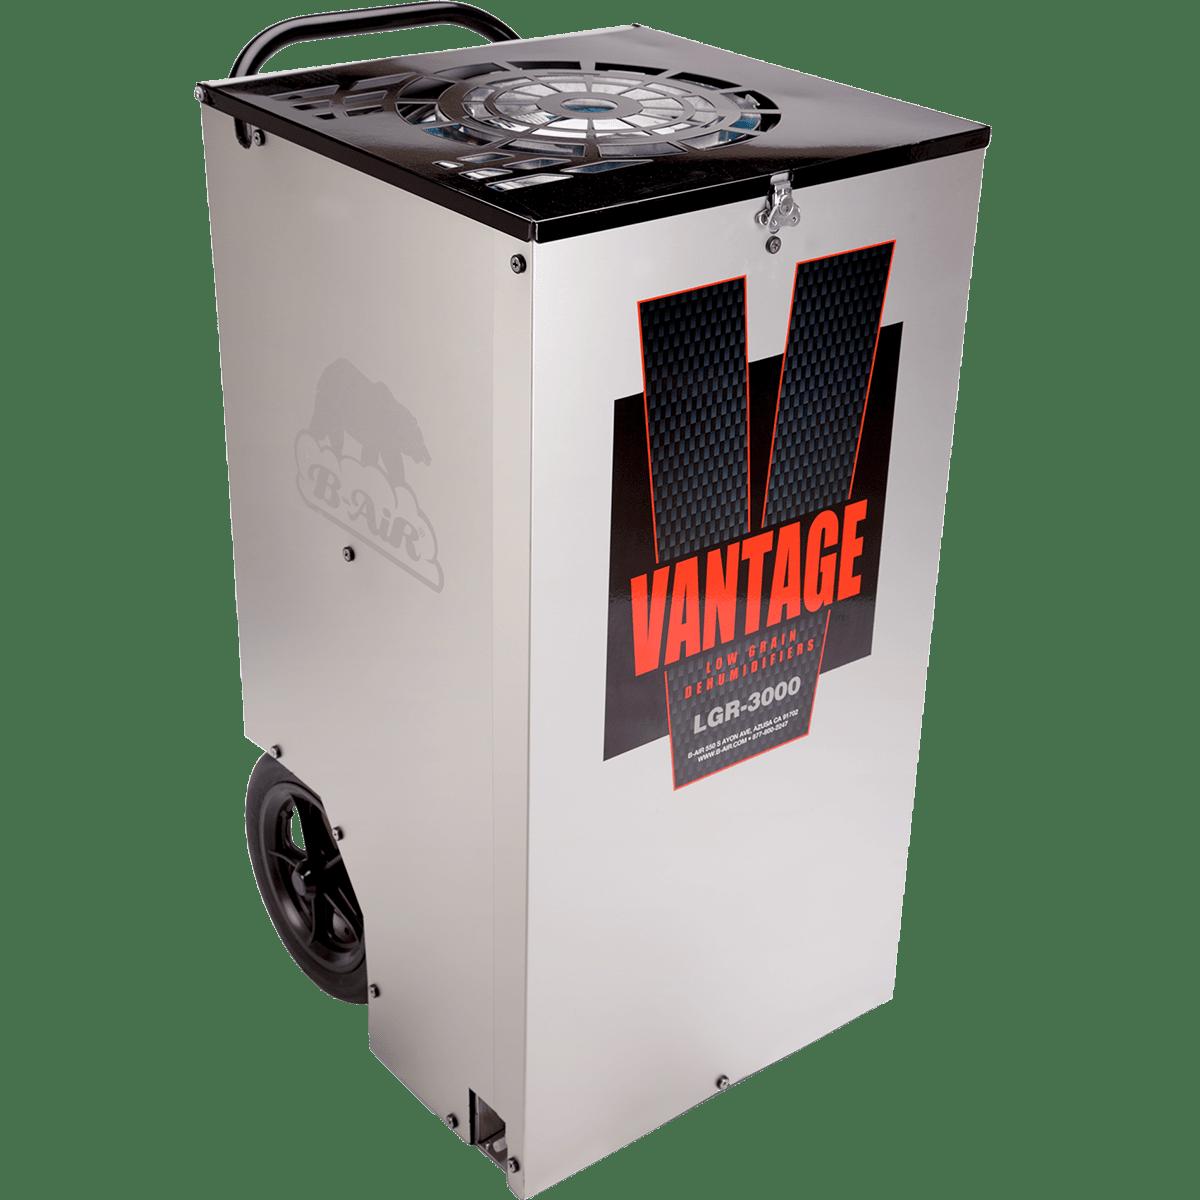 B-air Vantage Lgr 3000 Dehumidifier